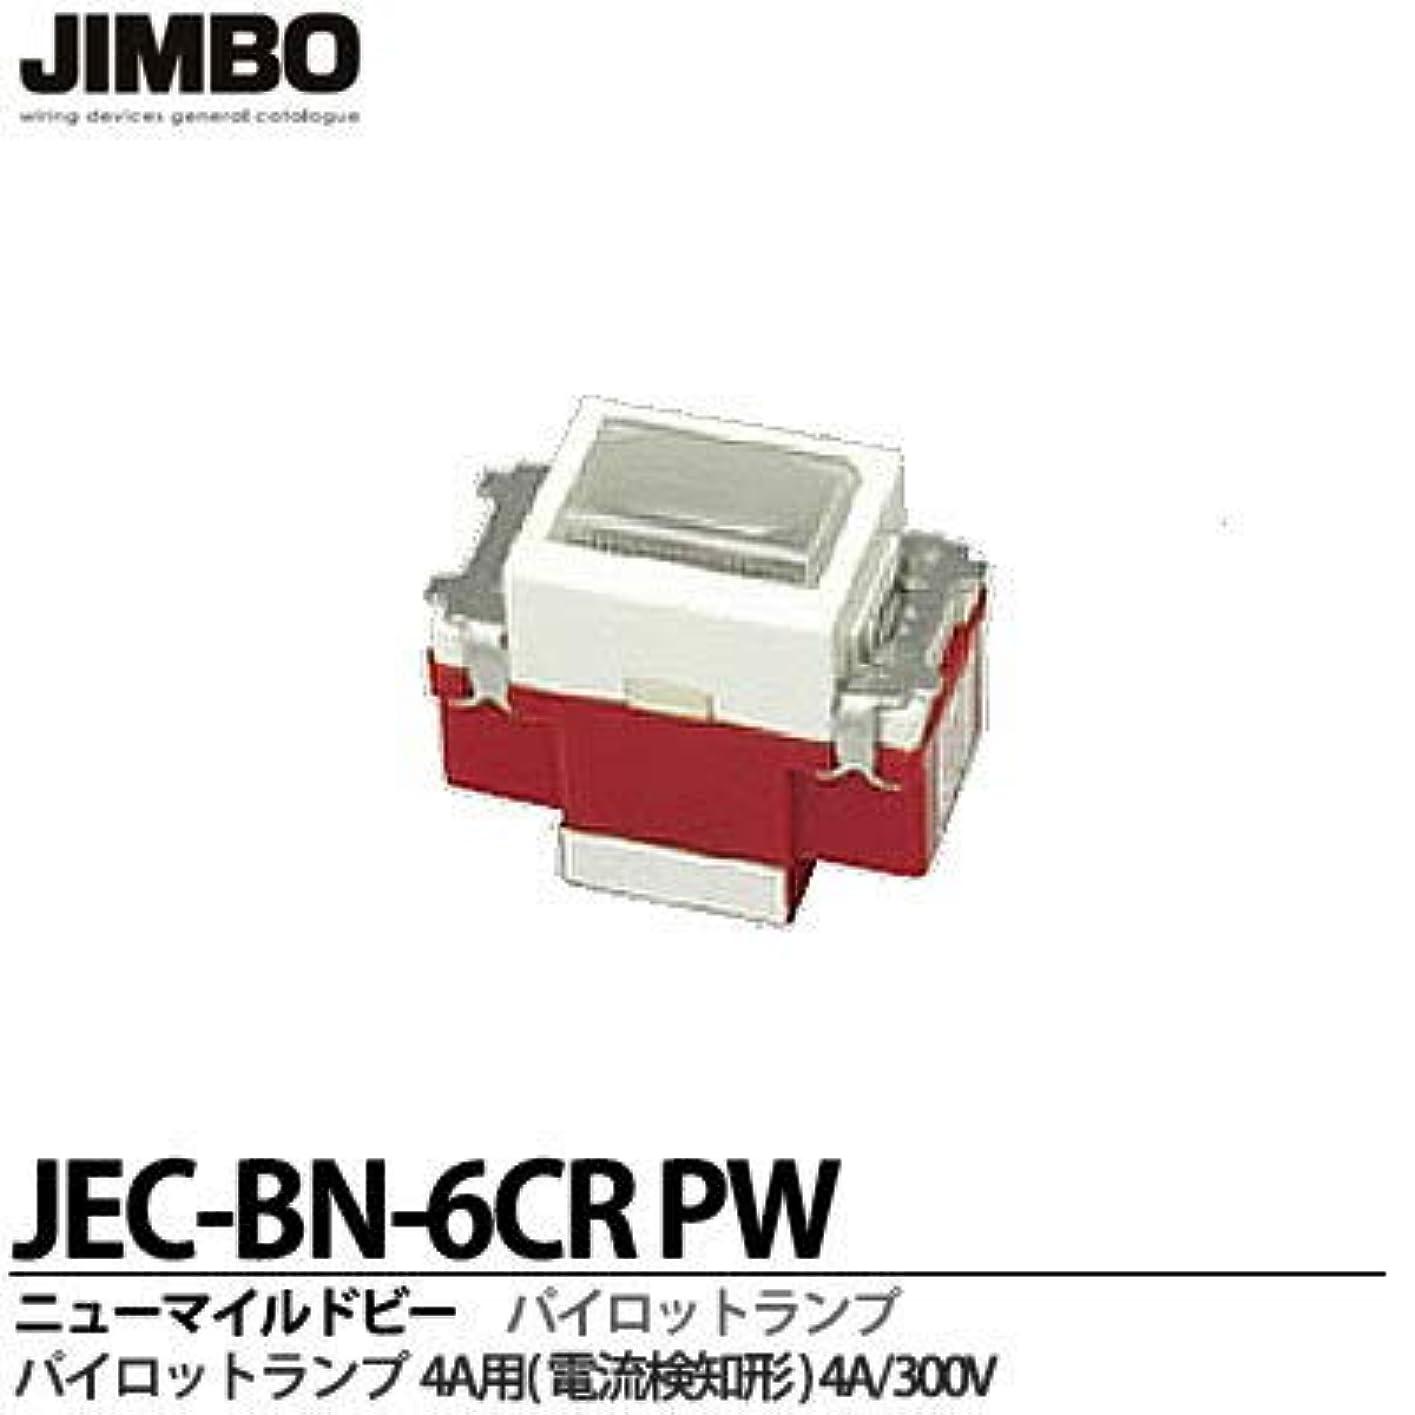 覆す方向米ドル【JIMBO】神保電器 ニューマイルドビーシリーズ パイロットランプ(電流検知形)4A用 JEC-BN-6CR(PW)